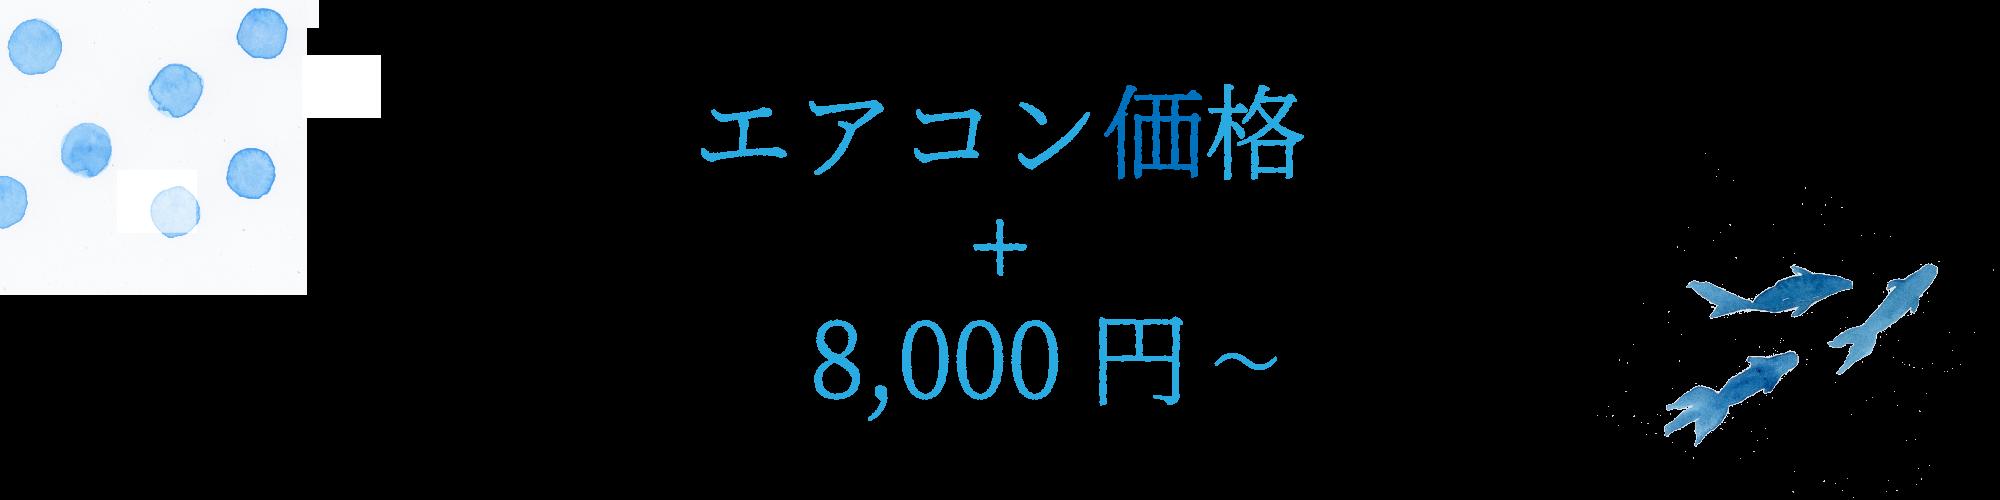 エアコン価格+8,000円~